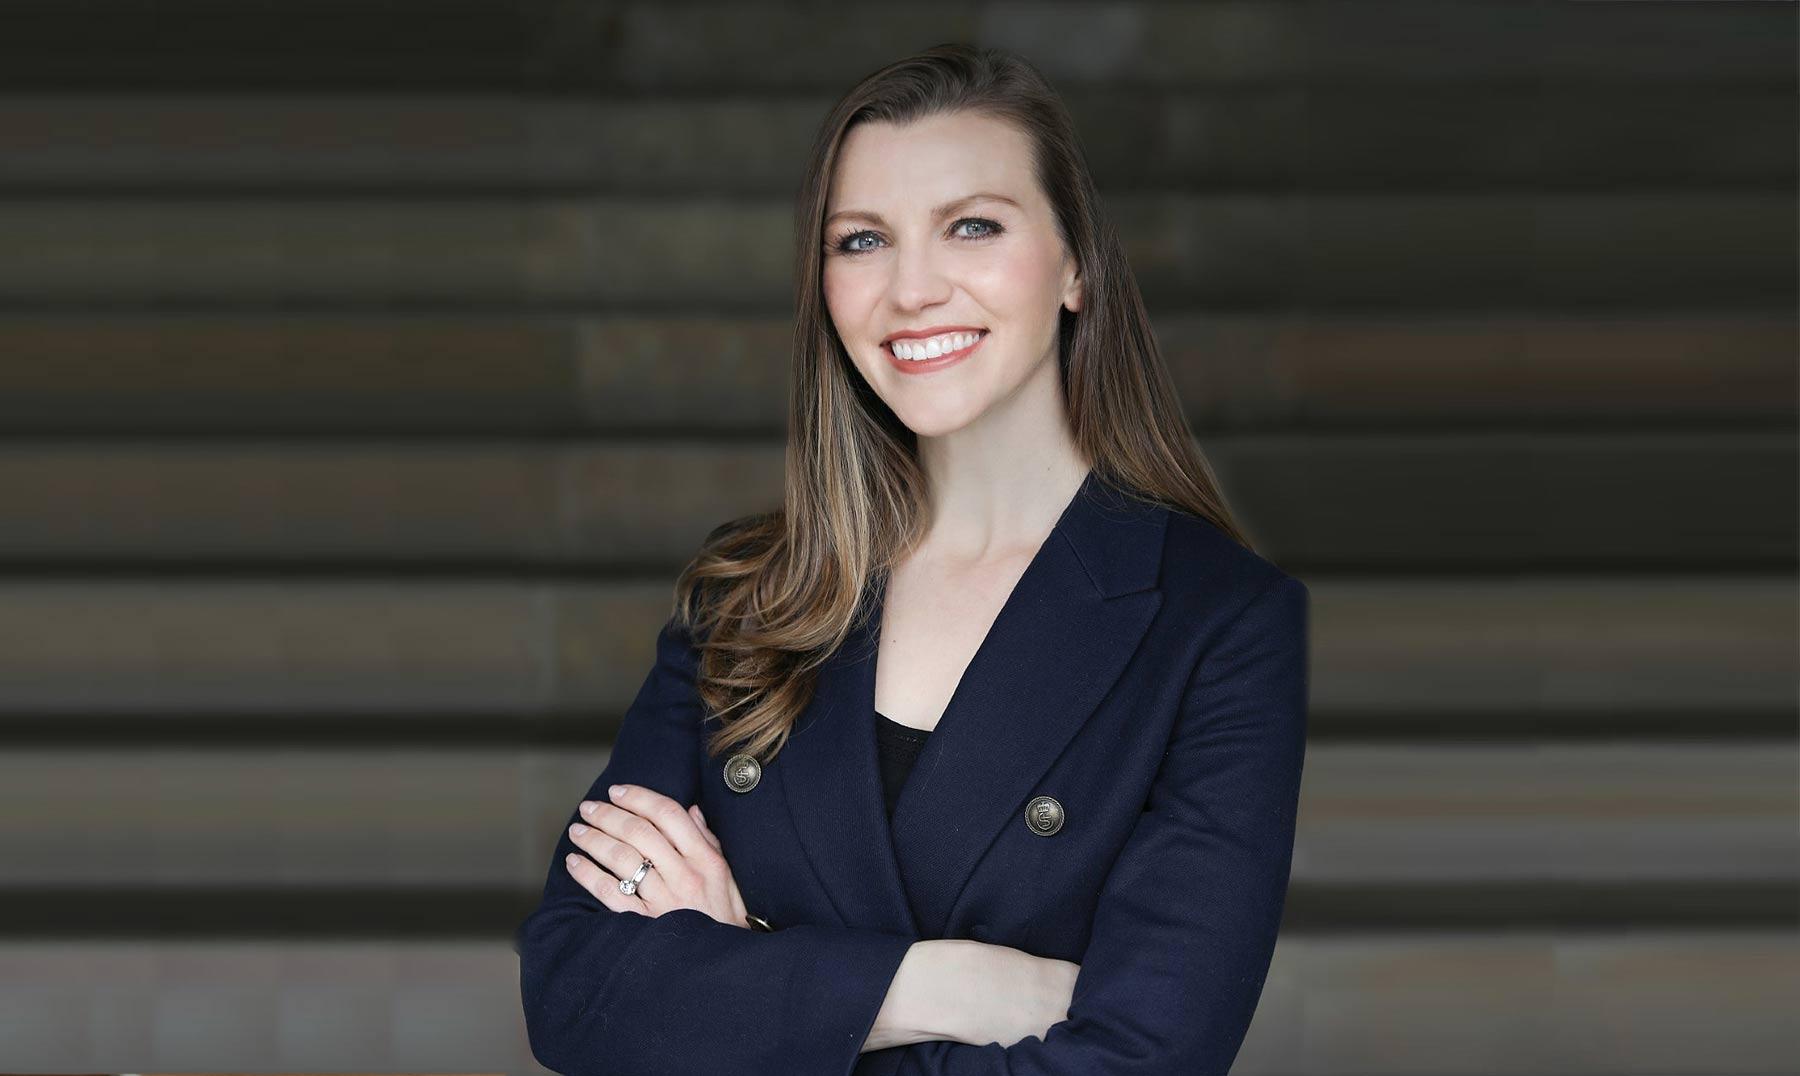 Christie Sclater